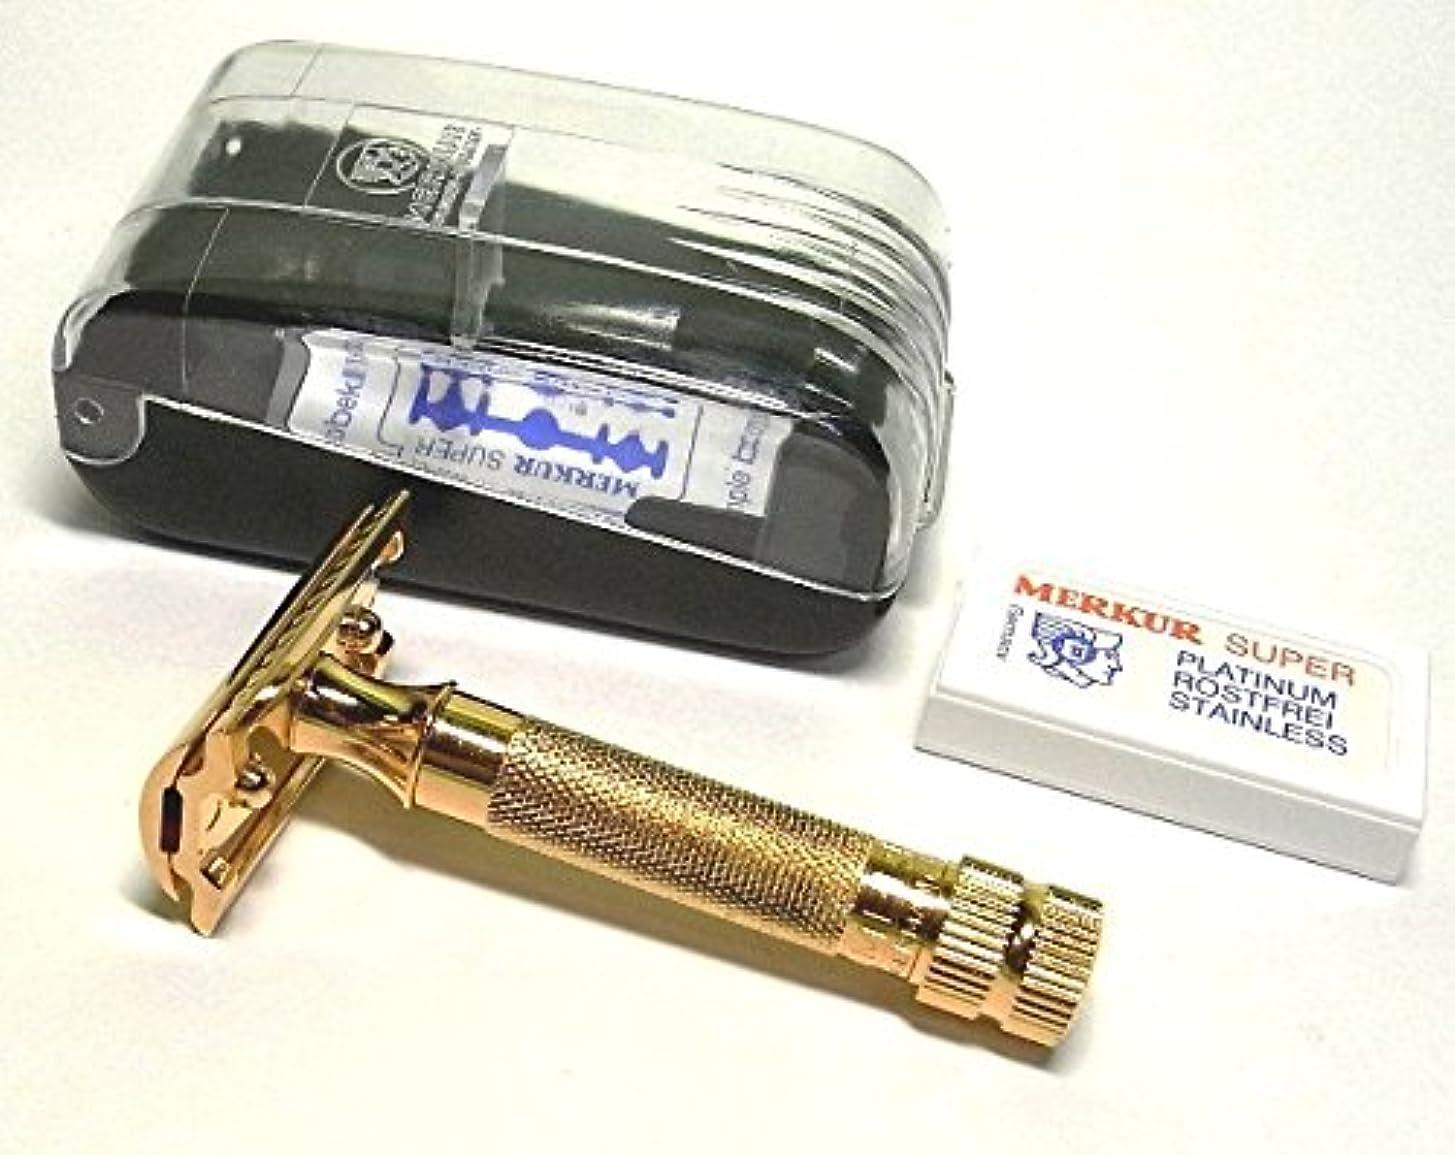 基本的な発送ハンバーガーメルクール(独)安全器両刃ホルダー334G オール金メッキ(替刃10枚付